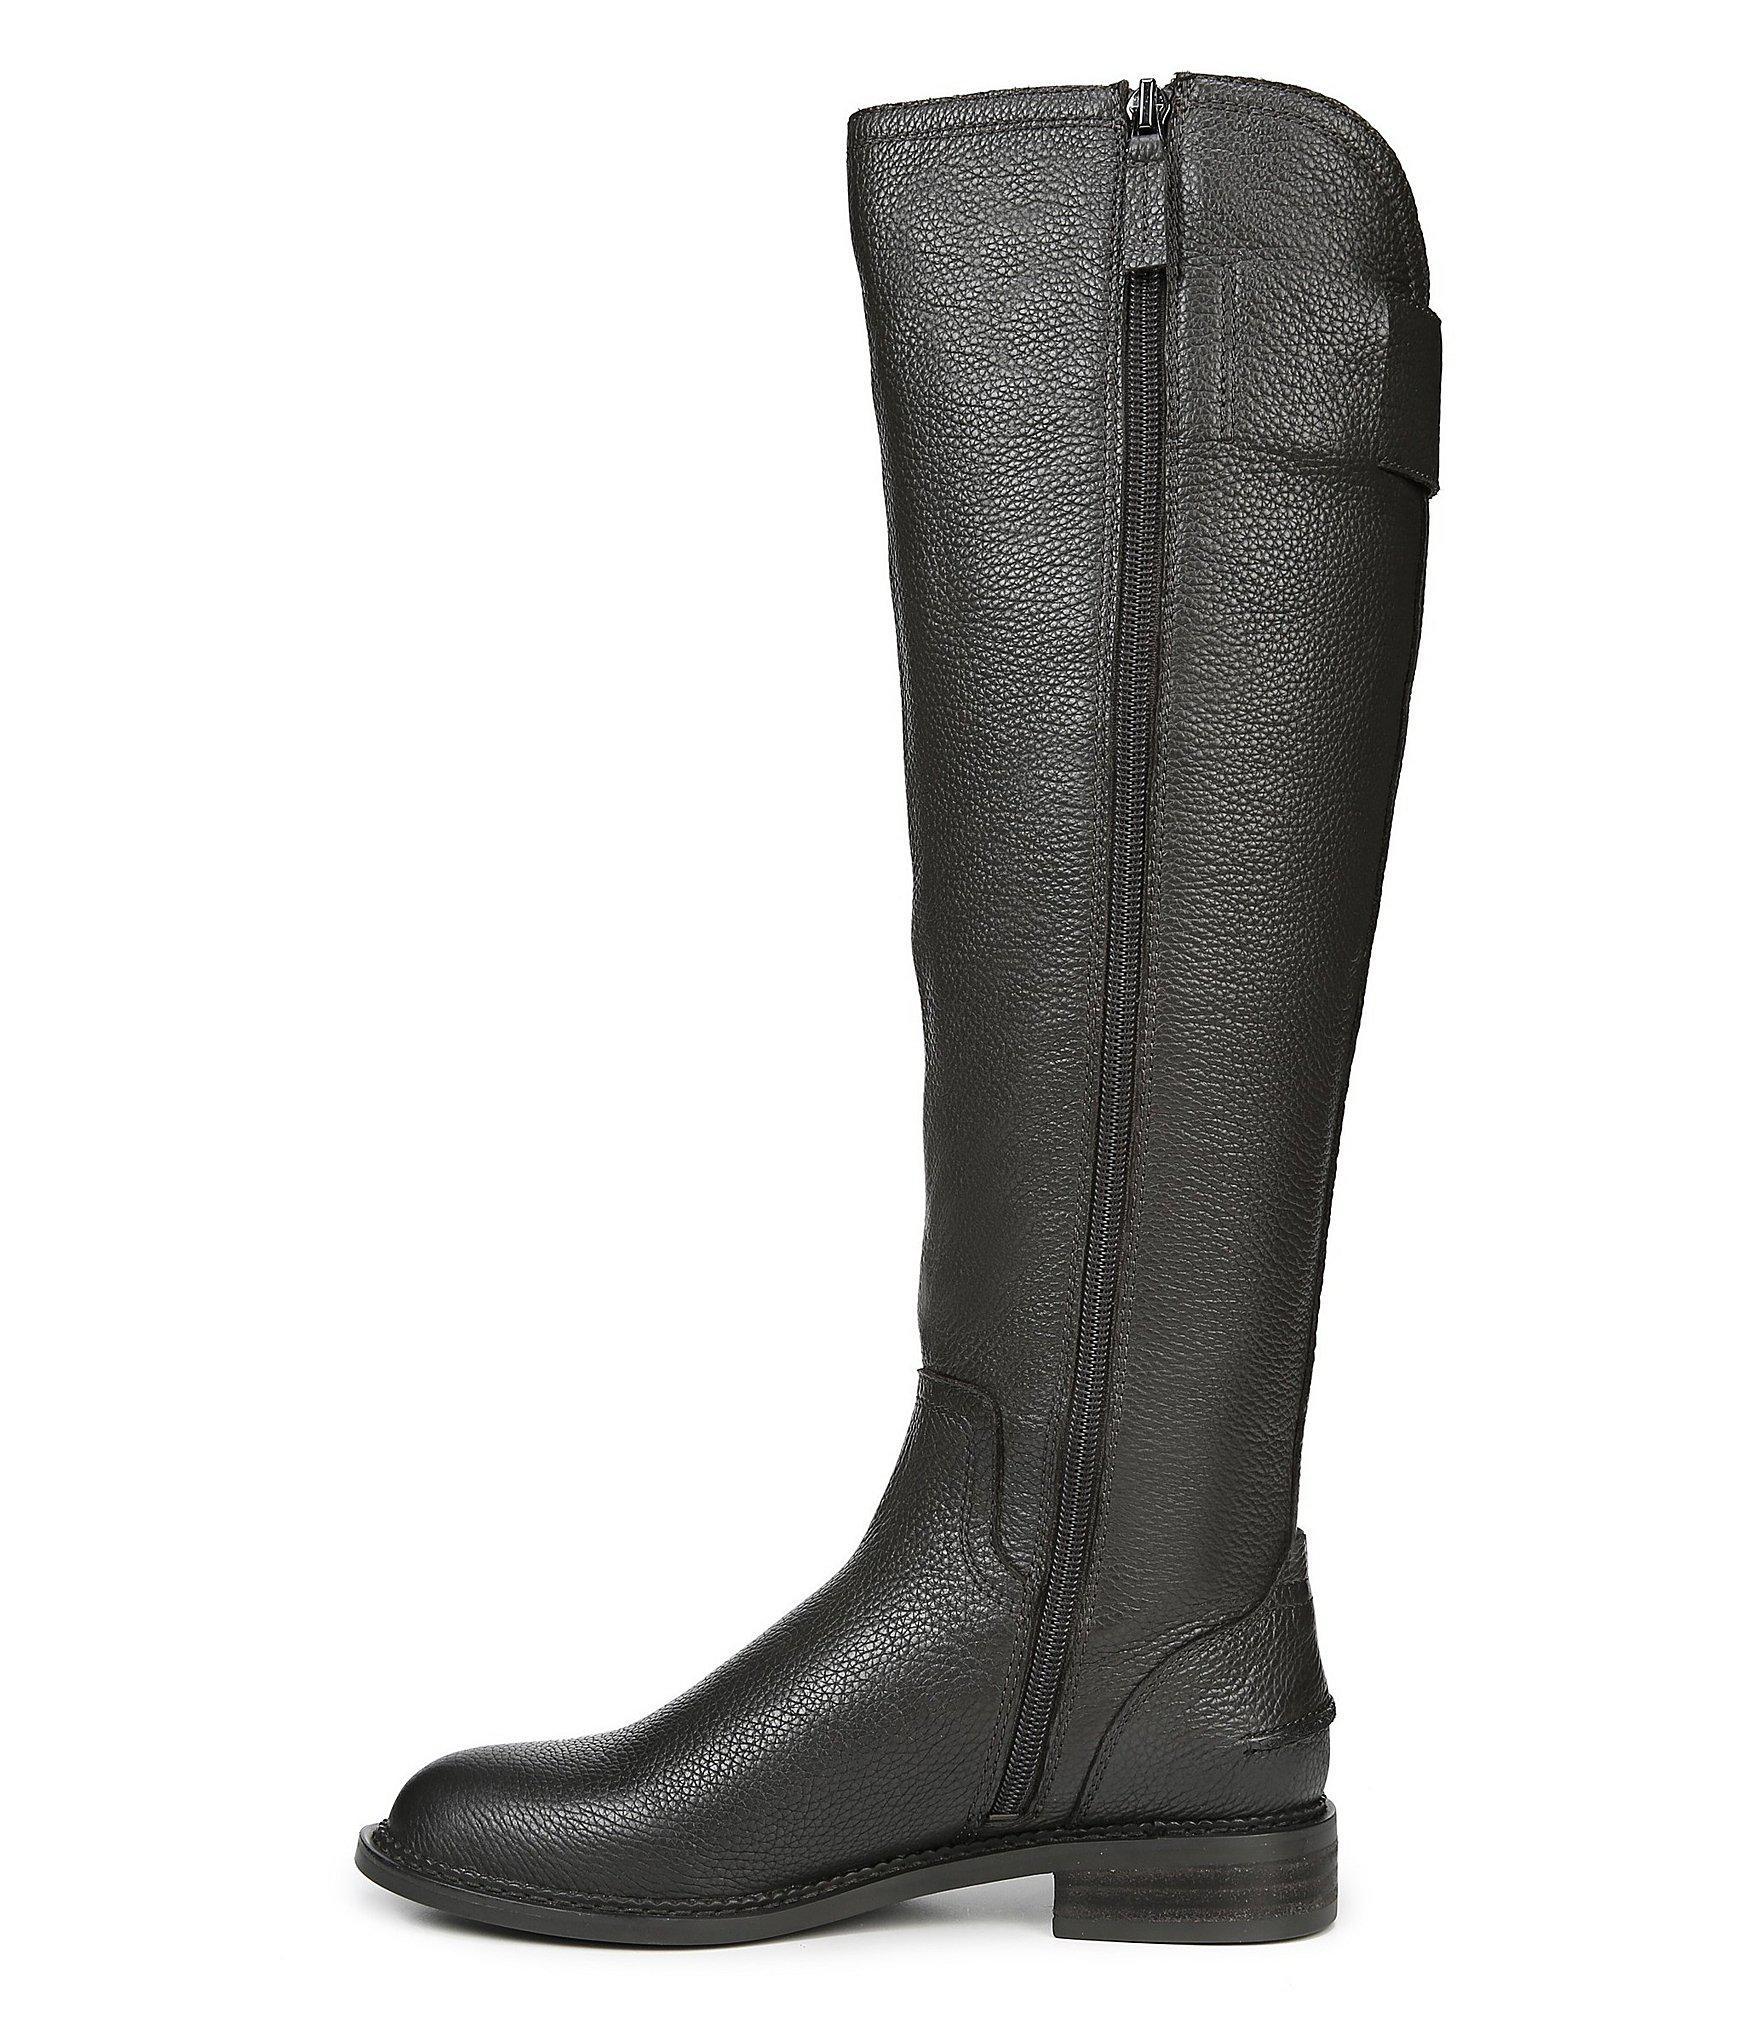 19c58e567f6 Franco Sarto Black Henrietta Tall Wide Calf Boots